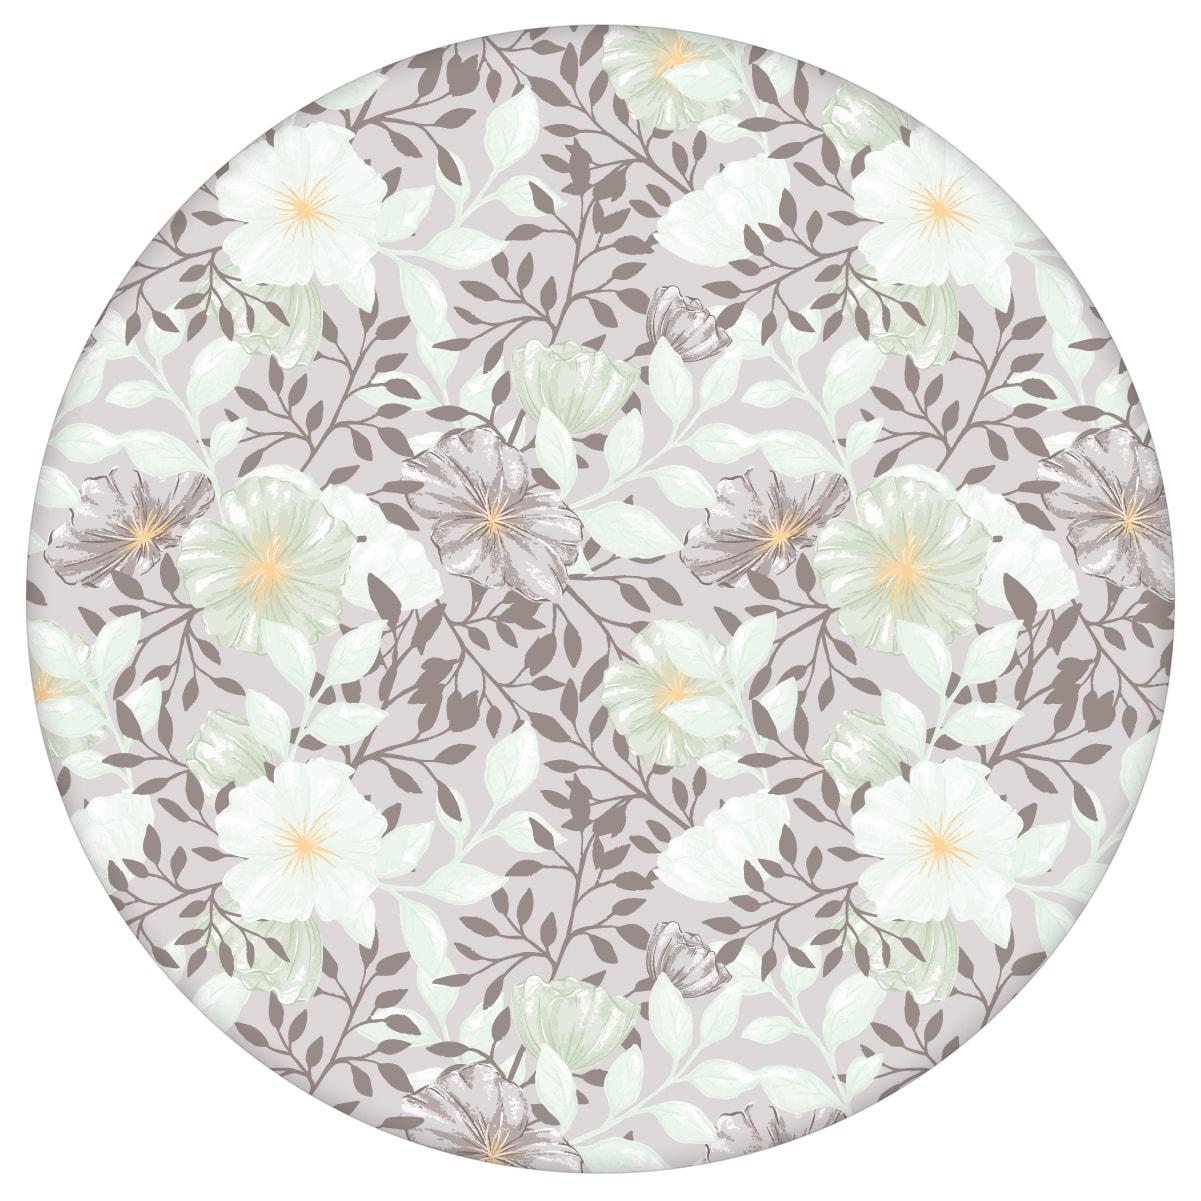 """Edle Tapete """"Hibiskus Garten"""" mit üppigen Blüten, mint braune Vlies Tapete Blumen, schöne Wanddeko für Wohnzimmer aus den Tapeten Neuheiten Blumentapeten und Borten als Naturaltouch Luxus Vliestapete oder Basic Vliestapete"""